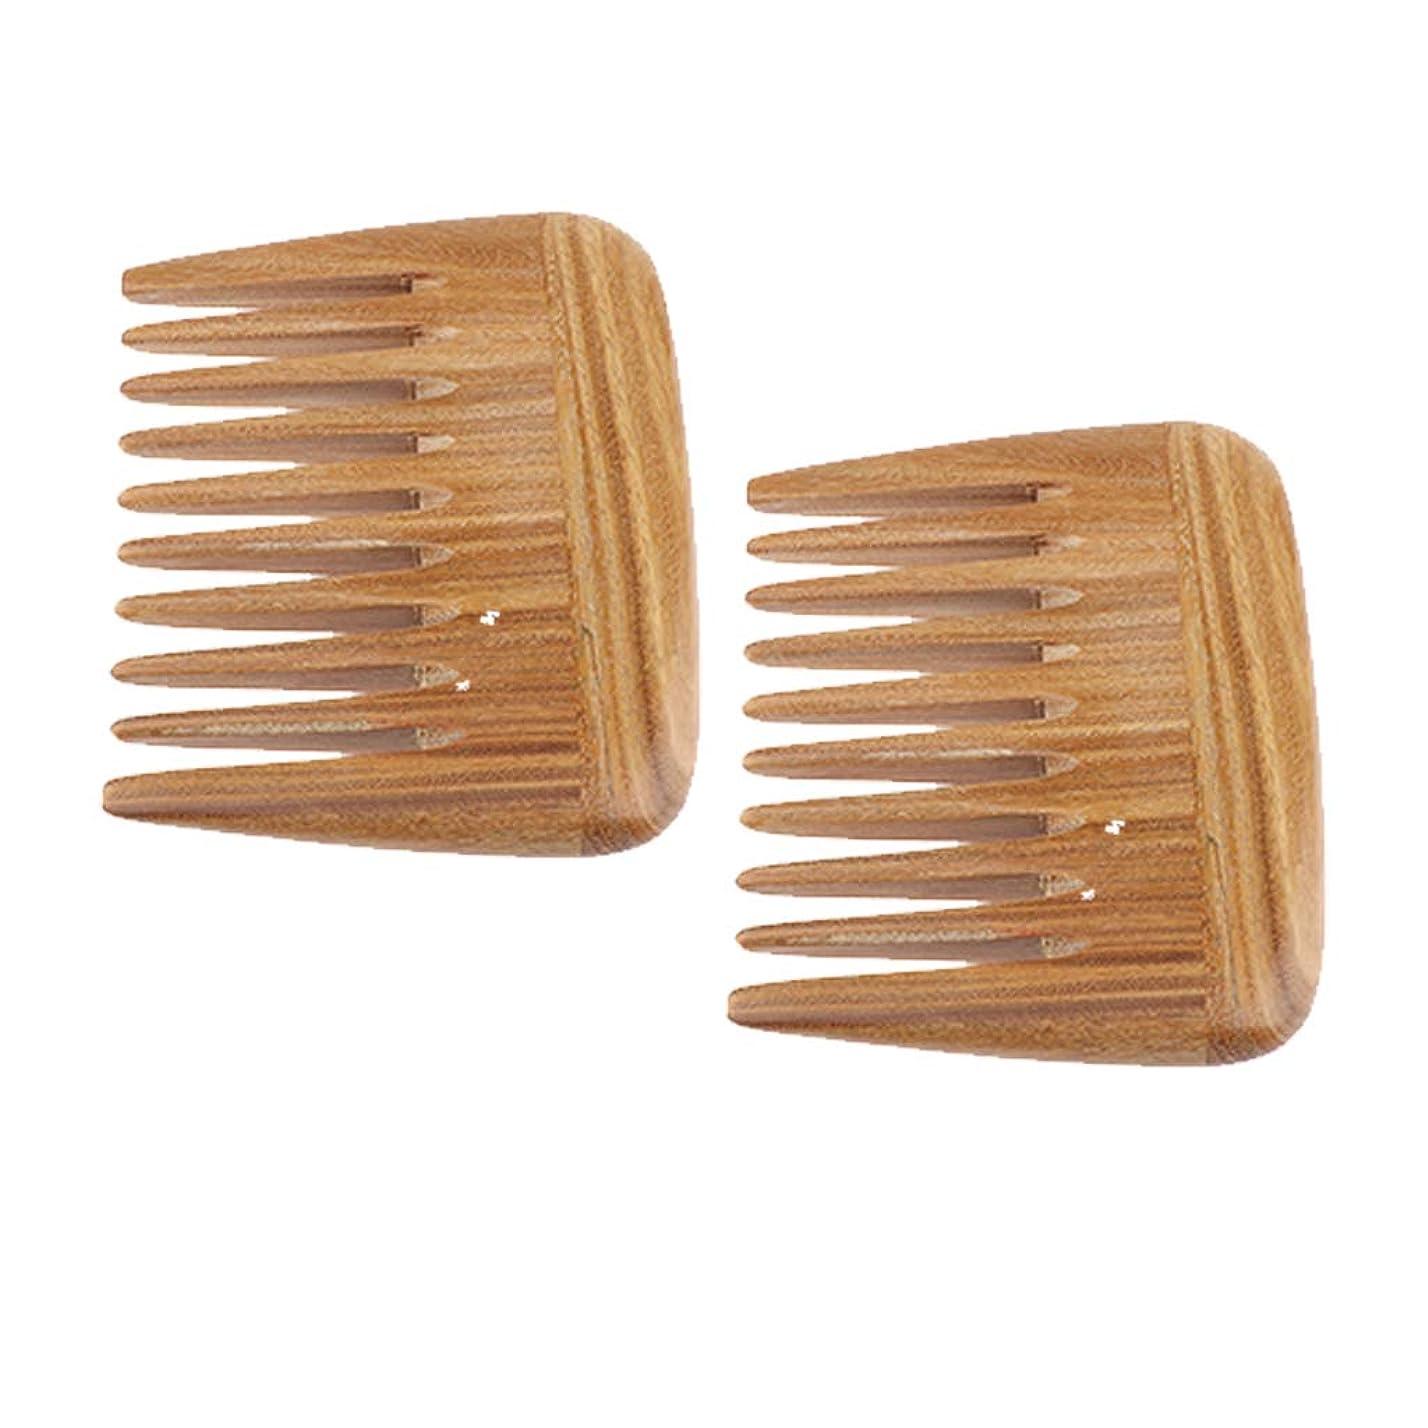 変更可能制裁クラシカルB Baosity 2個 静電気防止櫛 ポケット 広い歯 ヘアコーム 木製櫛 プレゼント